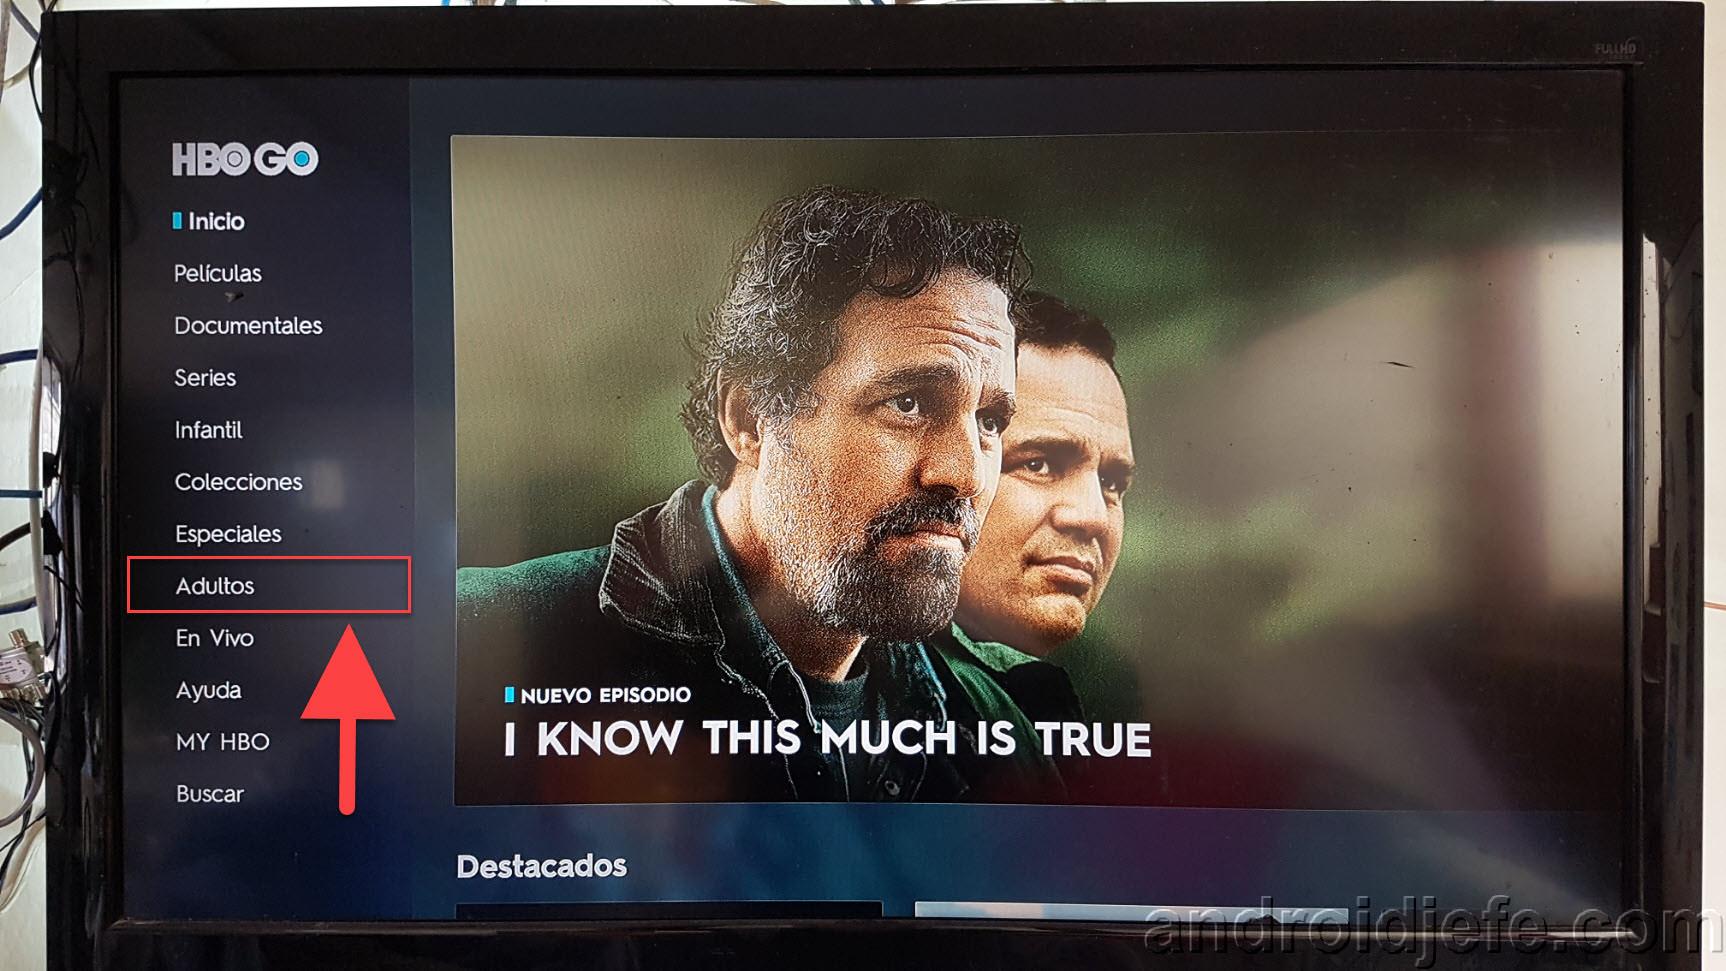 HBO GO tras dos meses suscrito: 4 tips para aprovecharlo mejor